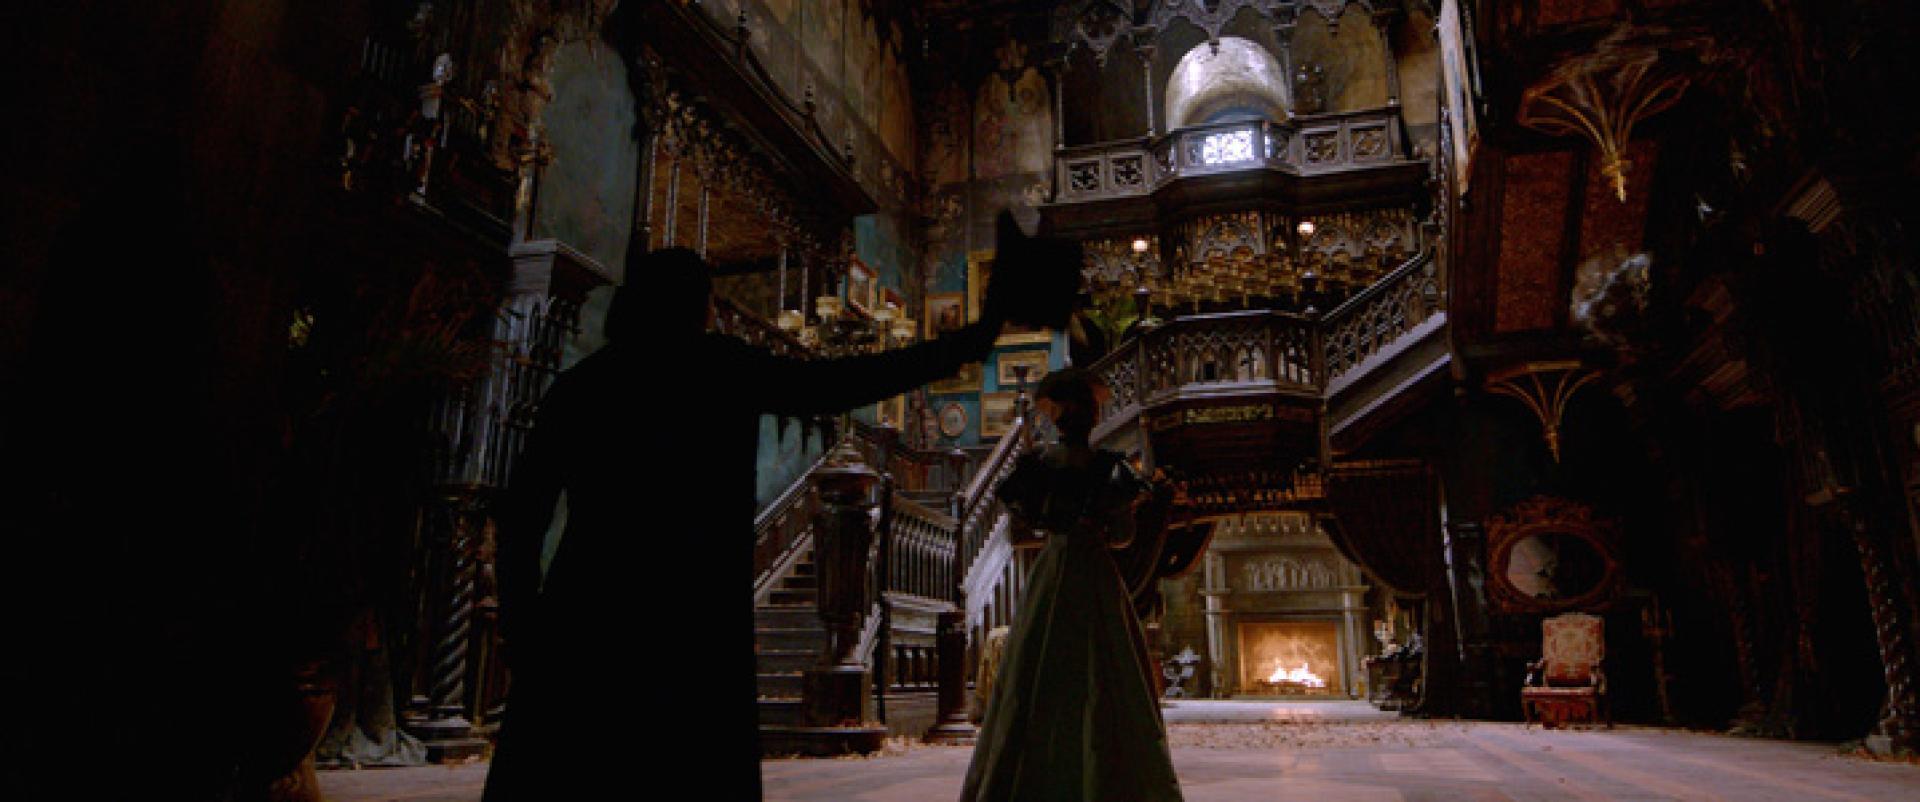 Bíborhegy: egy jelenet a filmből